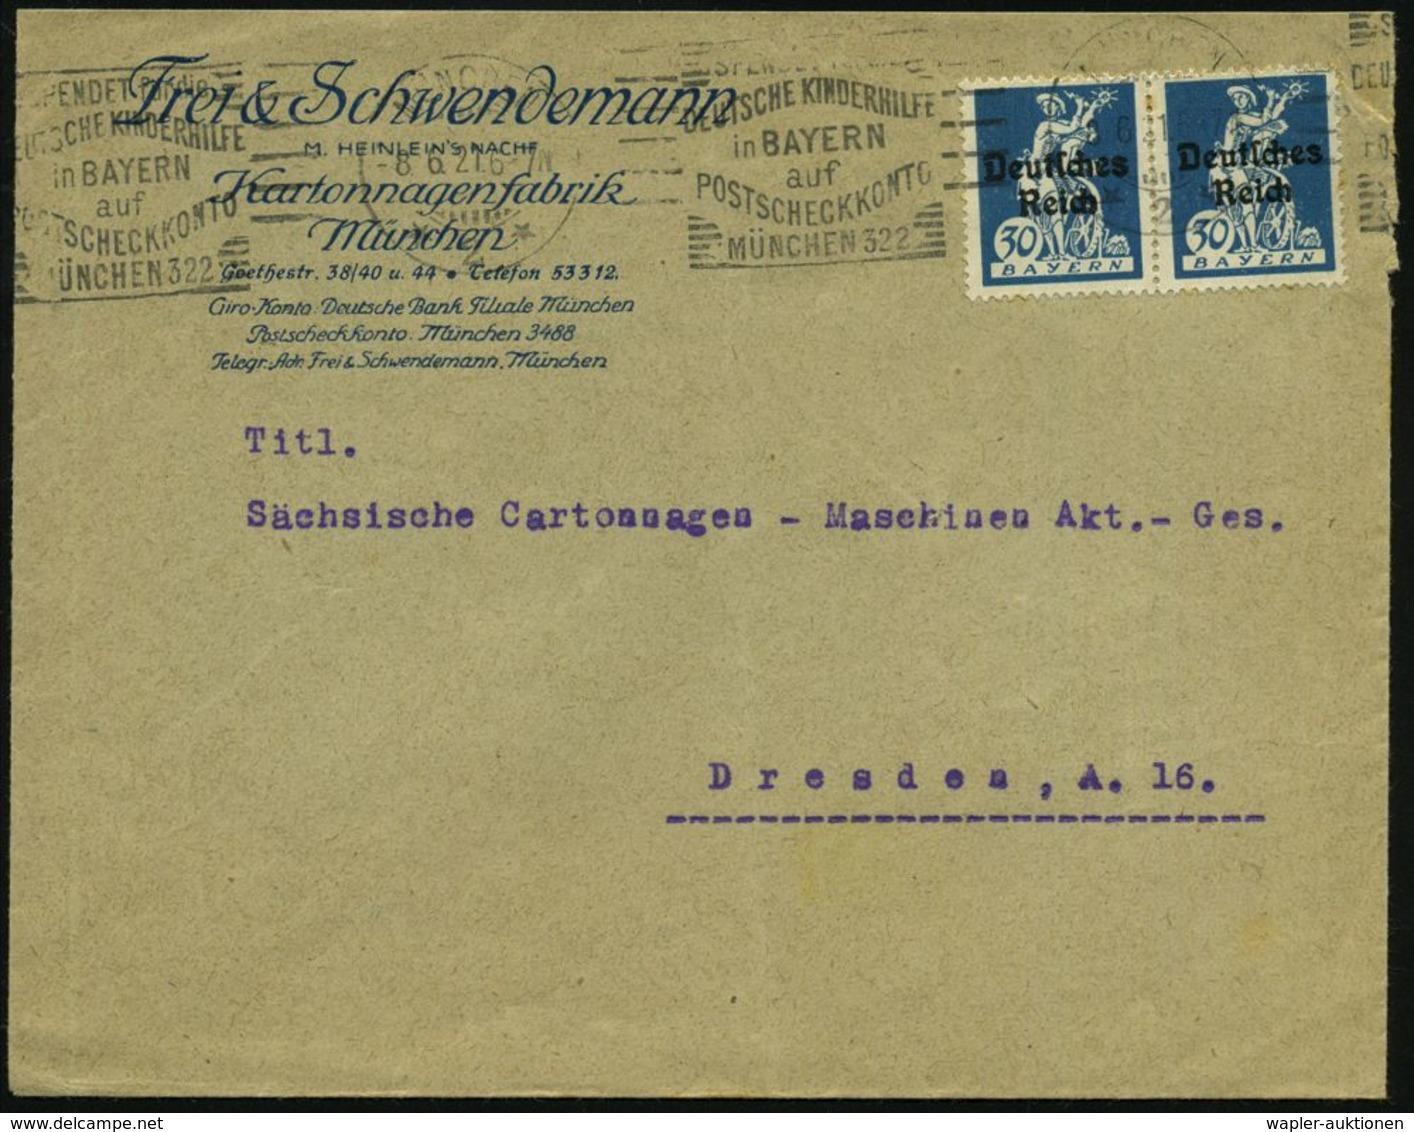 MÜNCHEN/ *2*/ SPENDET Für Die/ DEUTSCHE KINDERHILFE/ In BAYERN/ Auf/ POSTSCHECKKONTO.. 1921 (8.6.) Seltener BdMWSt (teil - UNICEF